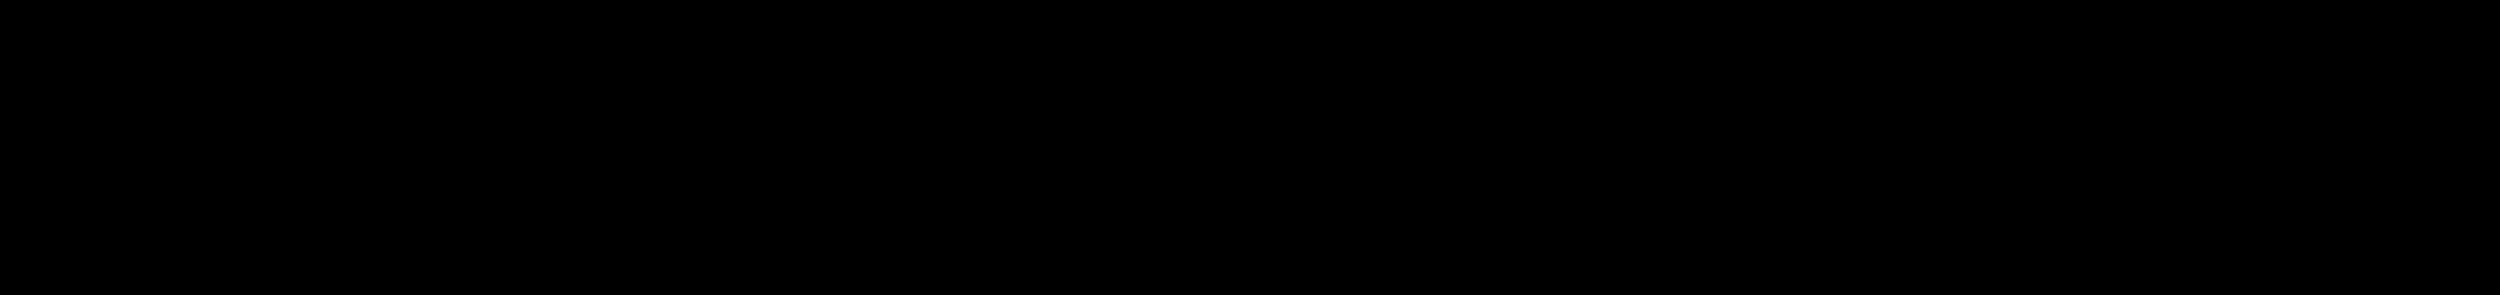 Trapezblech T-8 - Technische Daten